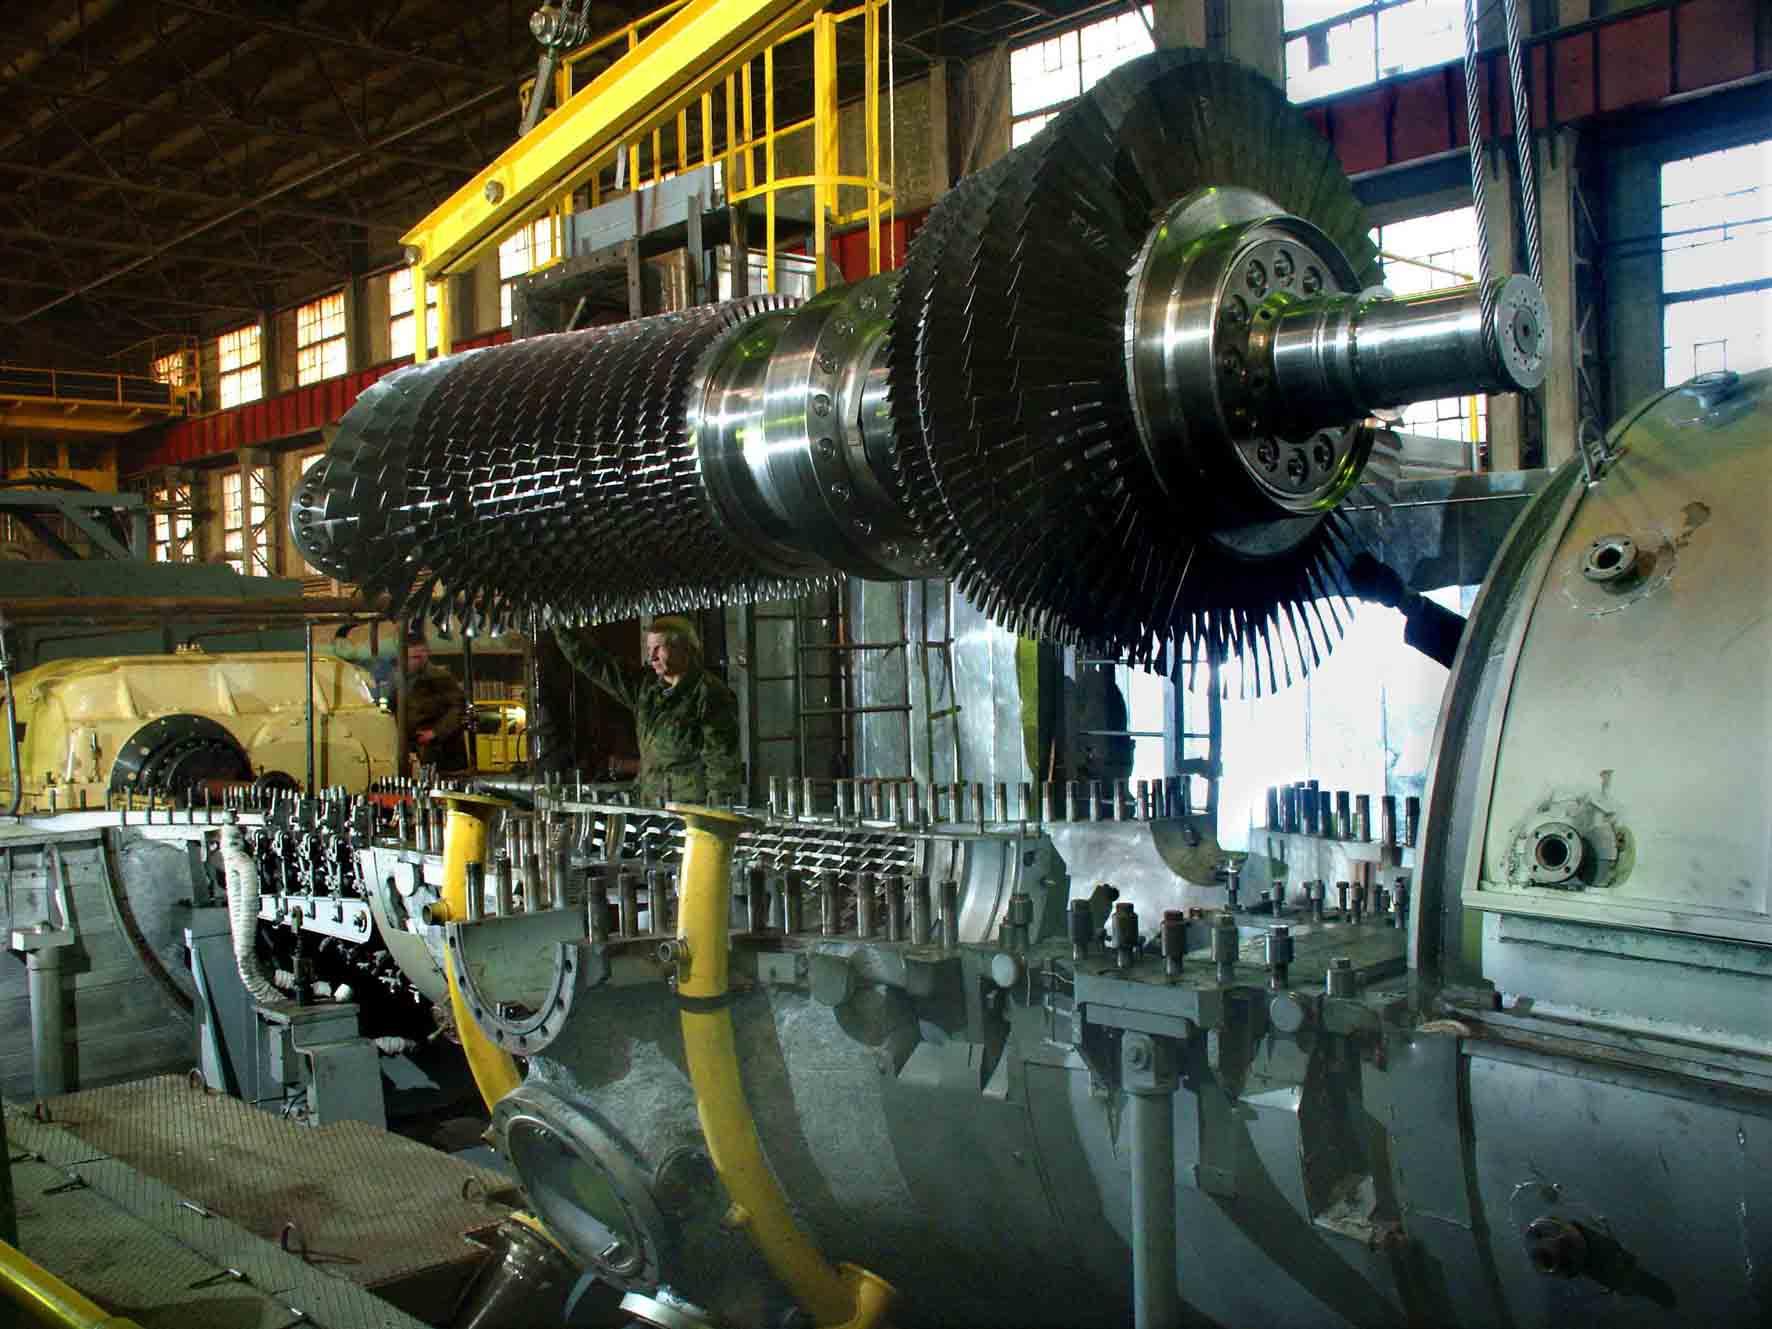 چشماندازی از تولیدکنندگان توربین گاز روسیه (بخش دوم)